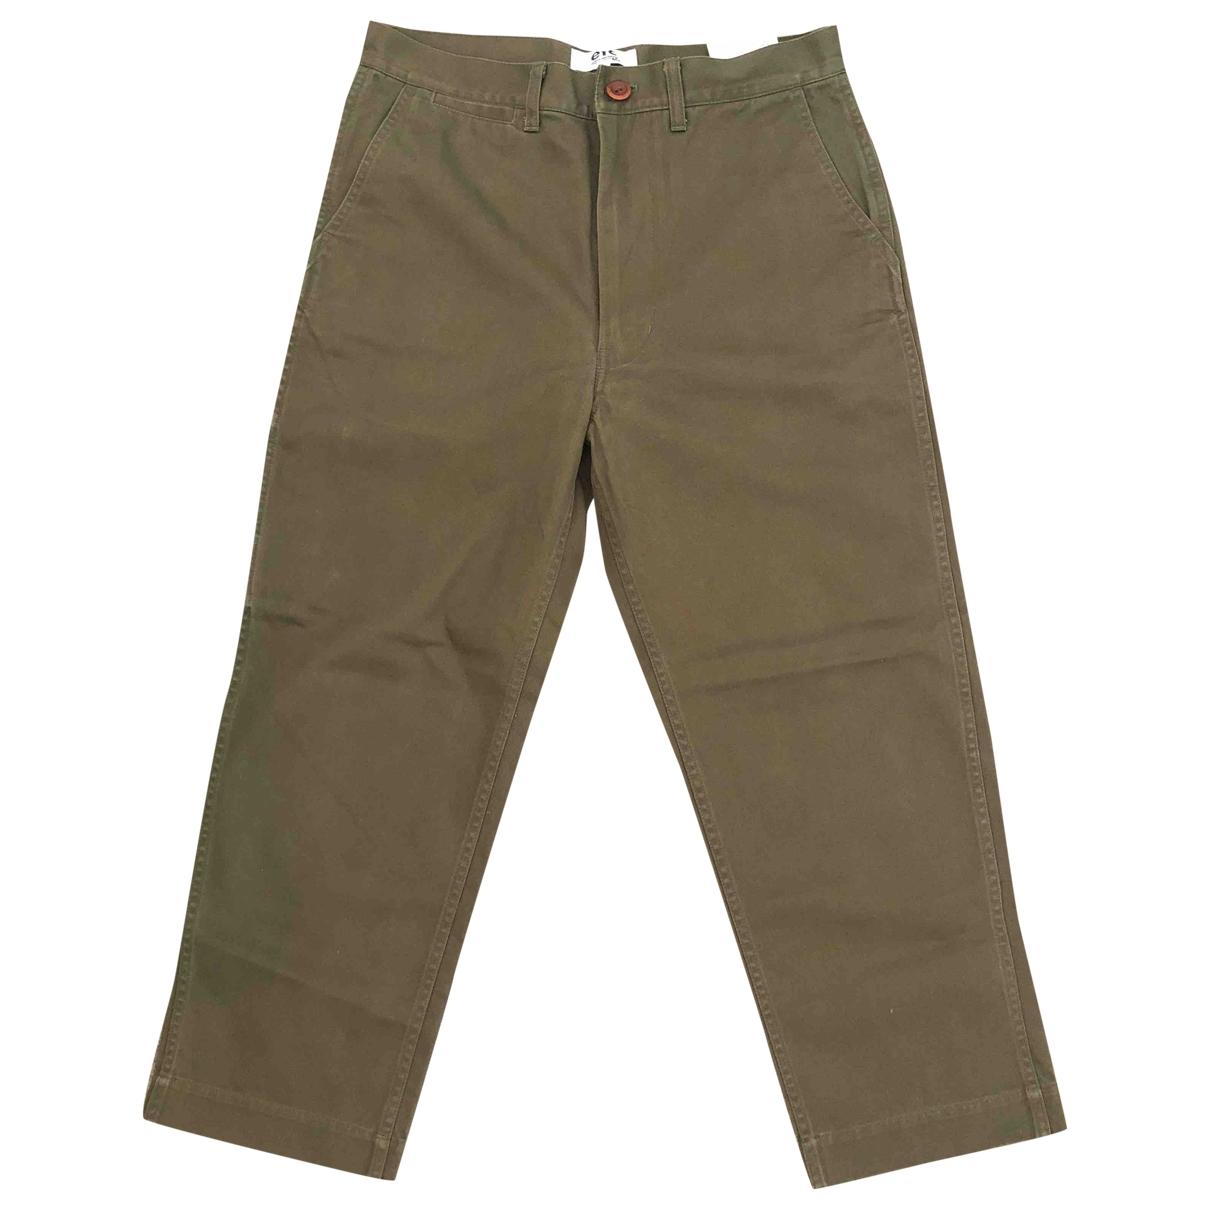 Pantalones en Algodon Caqui Junya Watanabe